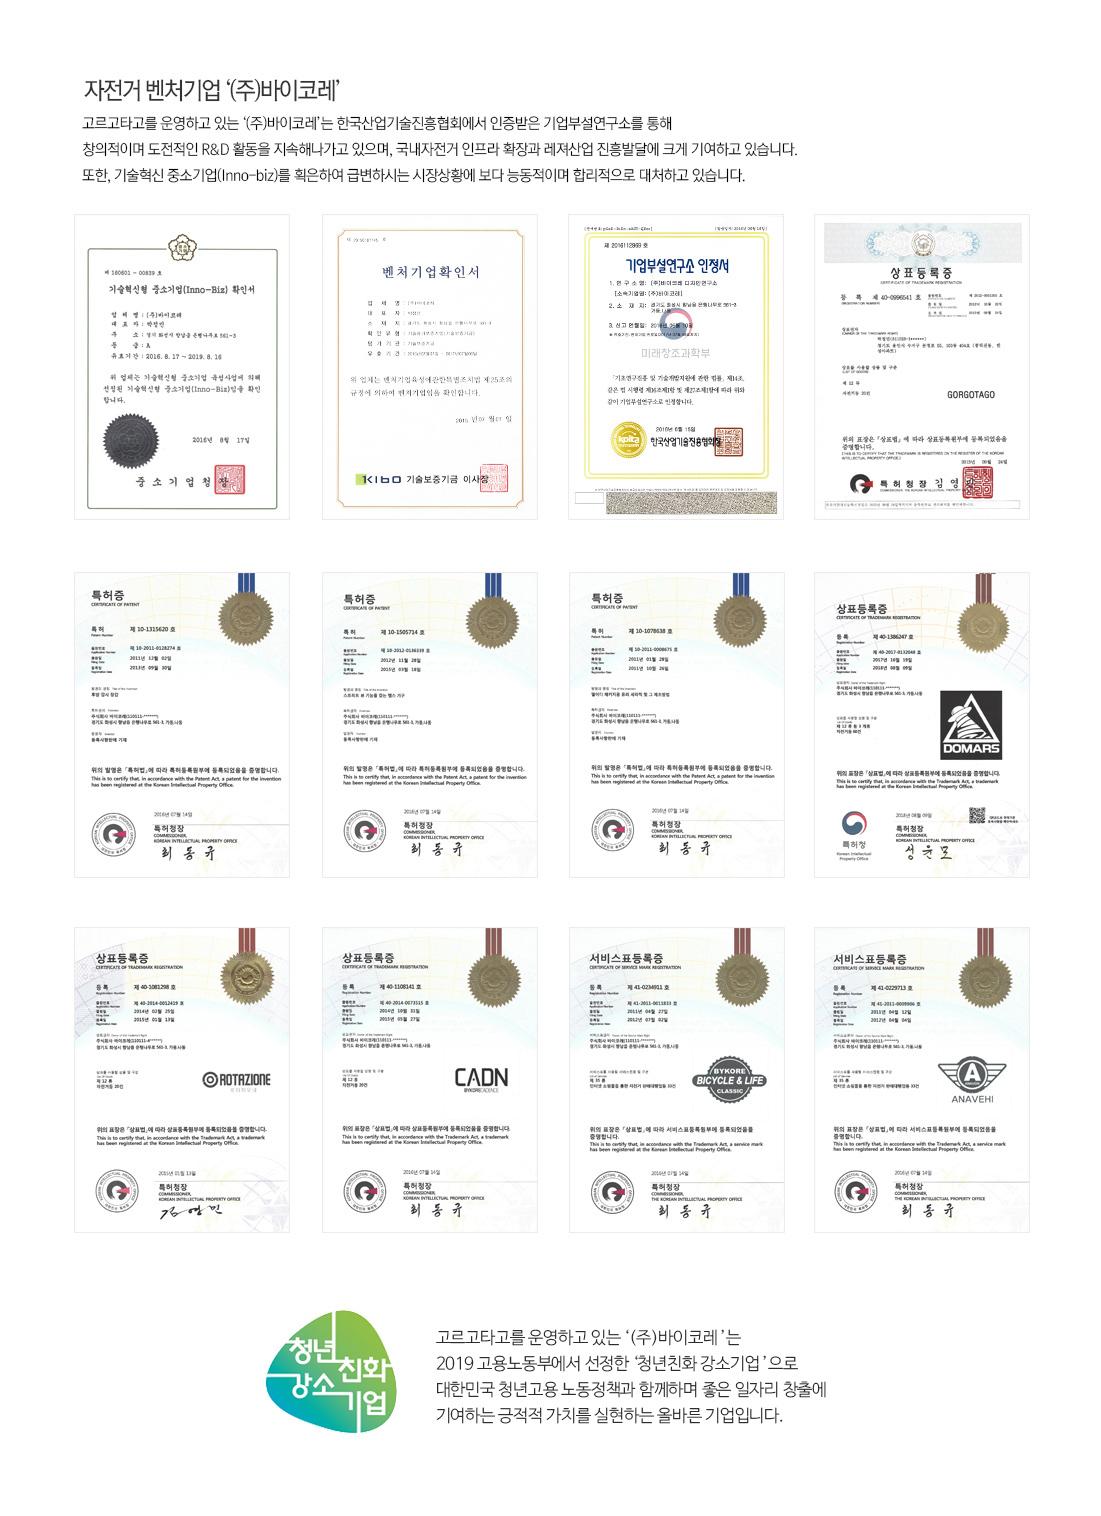 한국기술진흥협회 인증